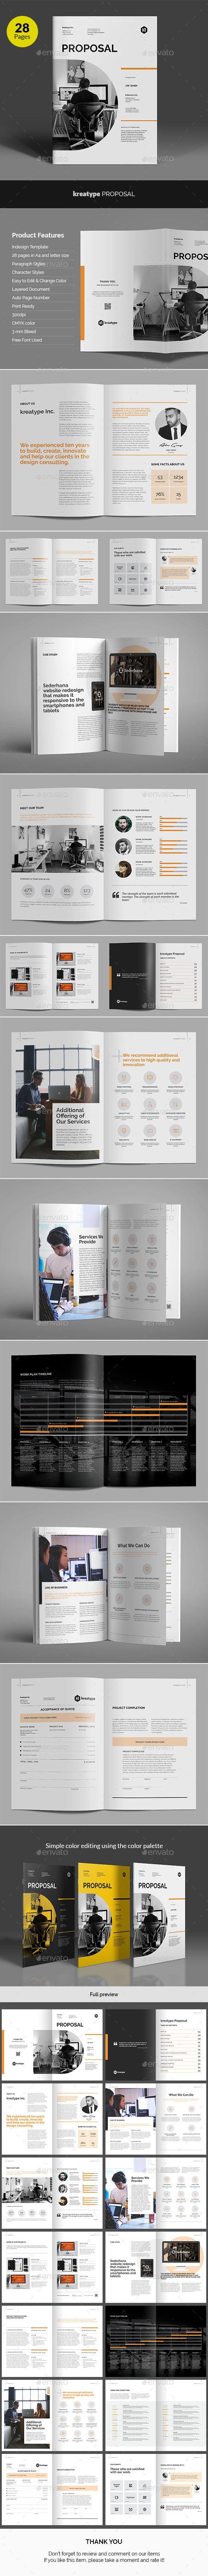 Pin von Unique Design auf Brochure Design   Pinterest   Broschüren ...